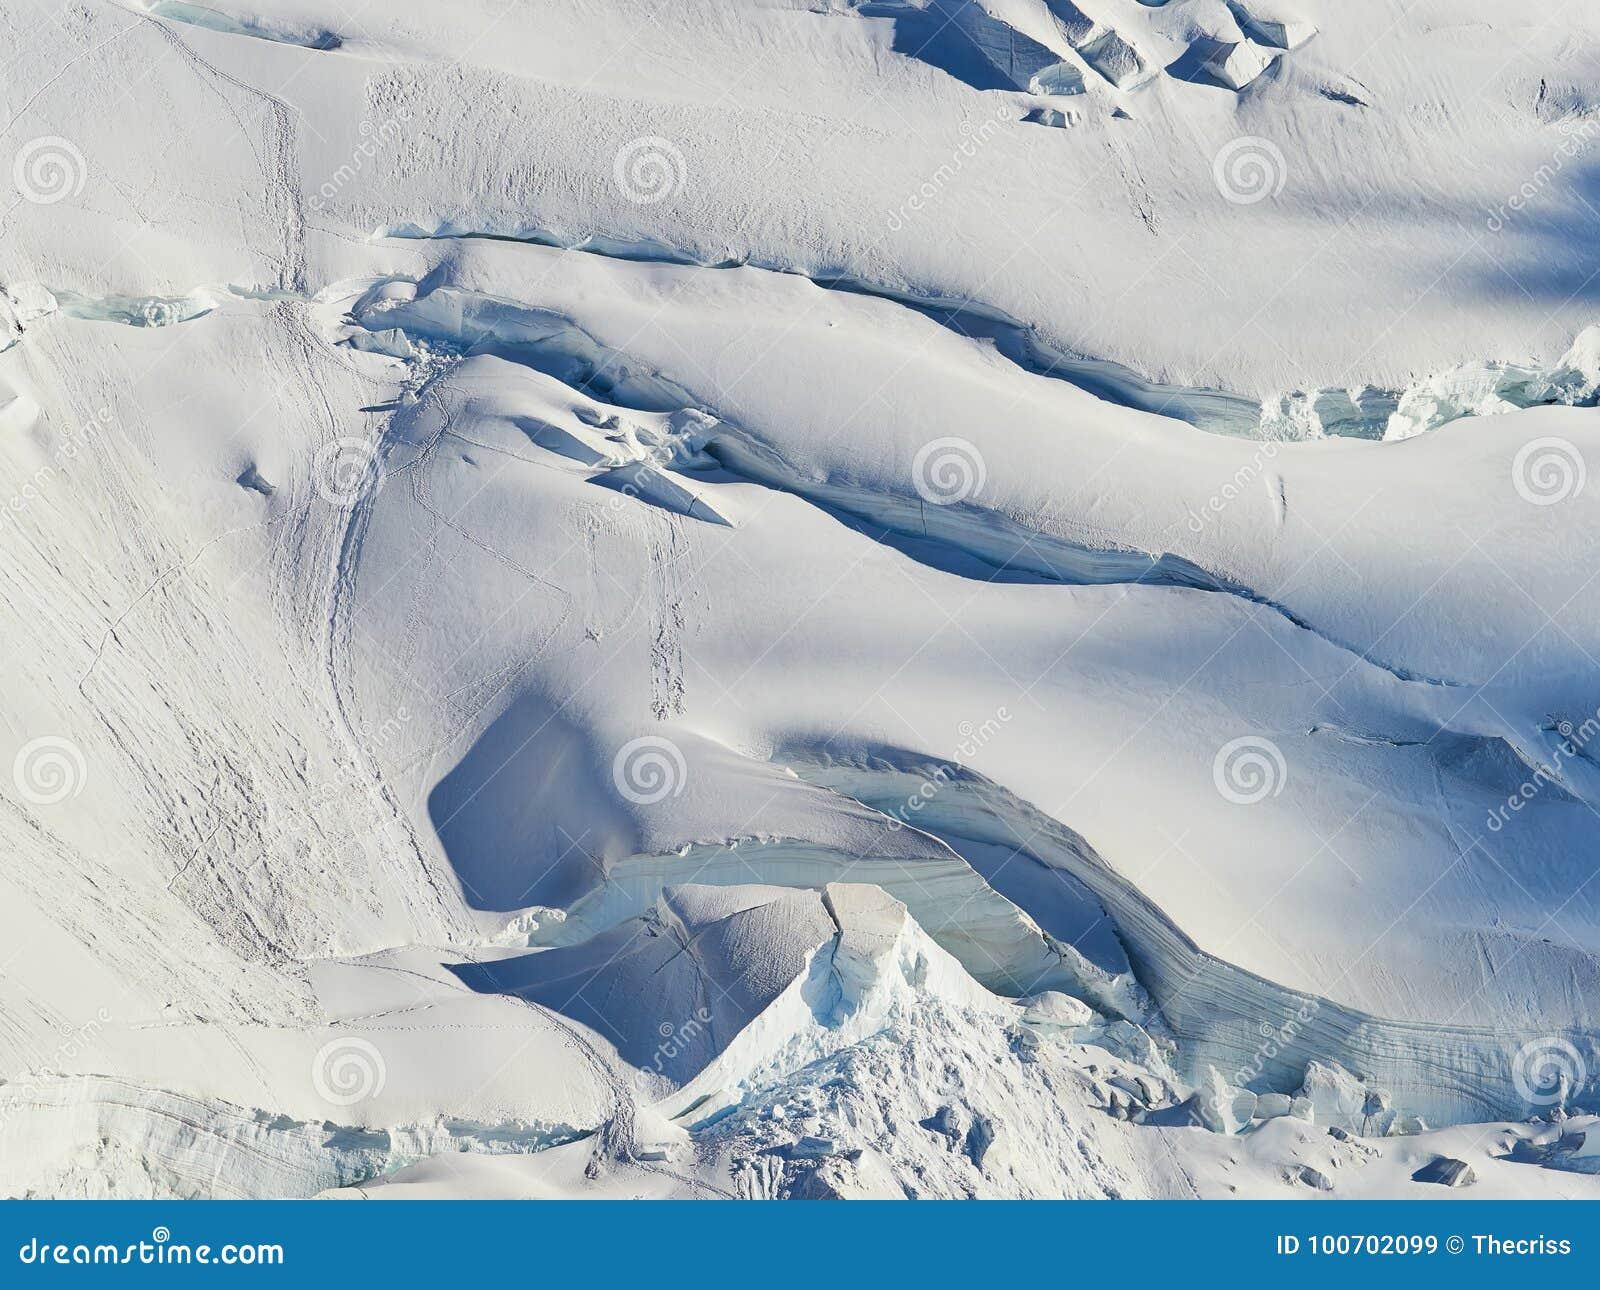 法国阿尔卑斯、勃朗峰和冰川如被看见从南针峰,夏慕尼,法国